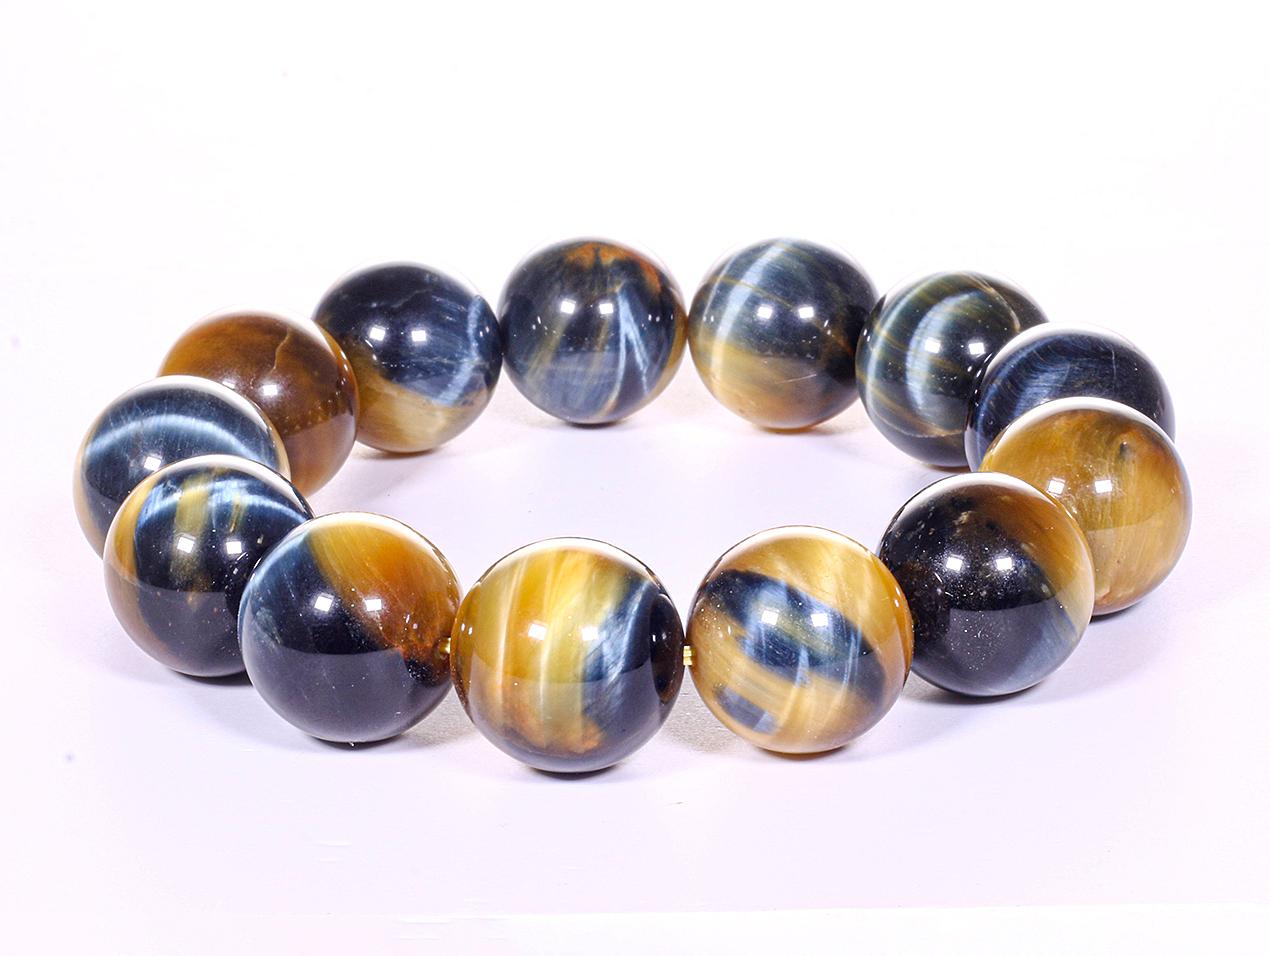 Vòng tay nam đá thạch anh mắt ưng AAA 18 mm mệnh thủy, mộc - Ngọc Quý Gemstones 2.199.000đ (- 30 %)Đường kính : 60mm, Bảo hành:24 tháng